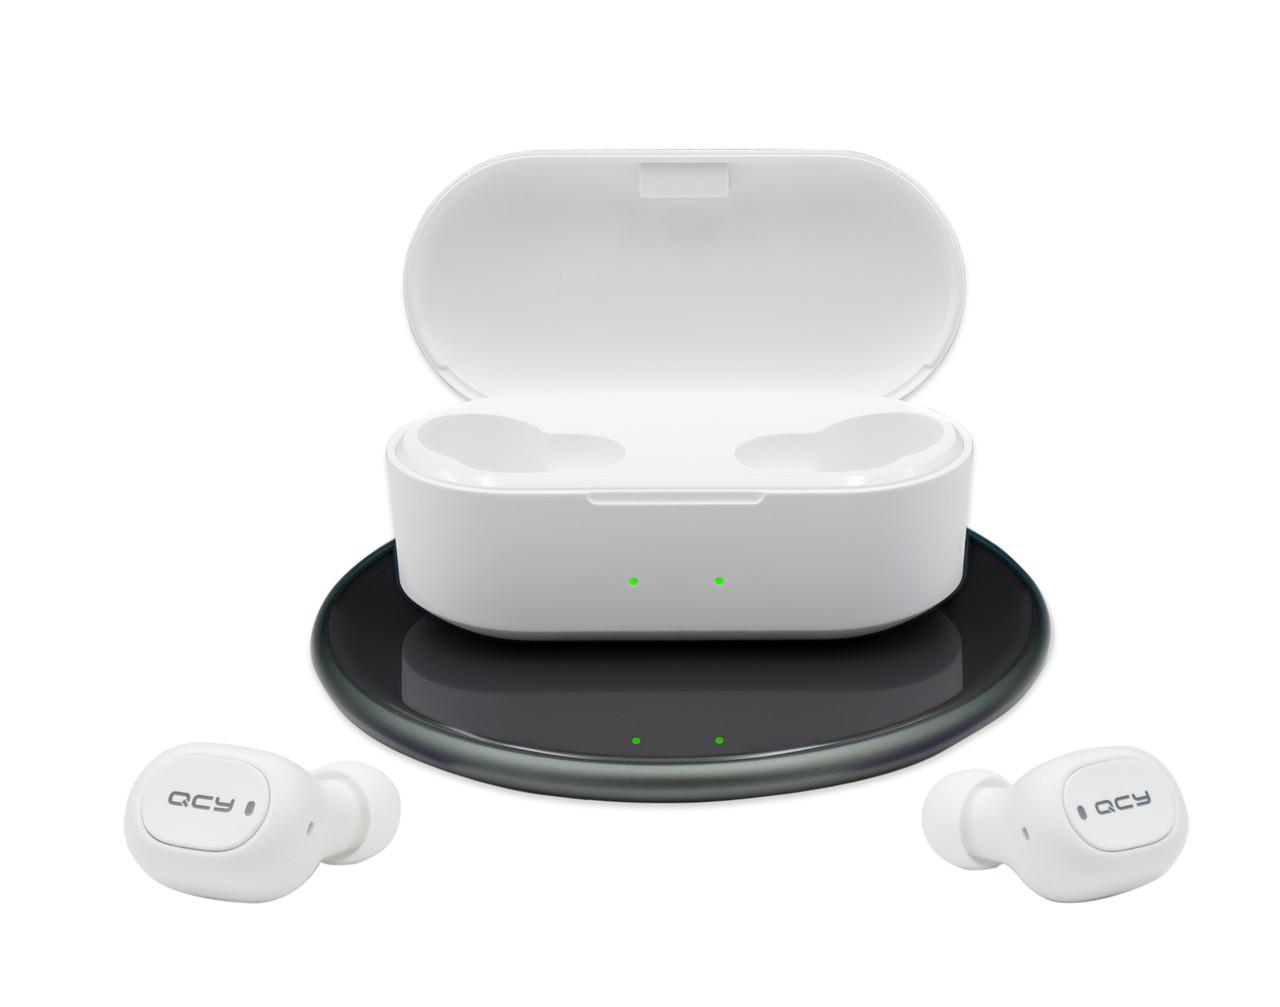 Беспроводные Bluetooth наушники вкладыши QCY T2S с функцией беспроводной зарядки, белые (T2S)